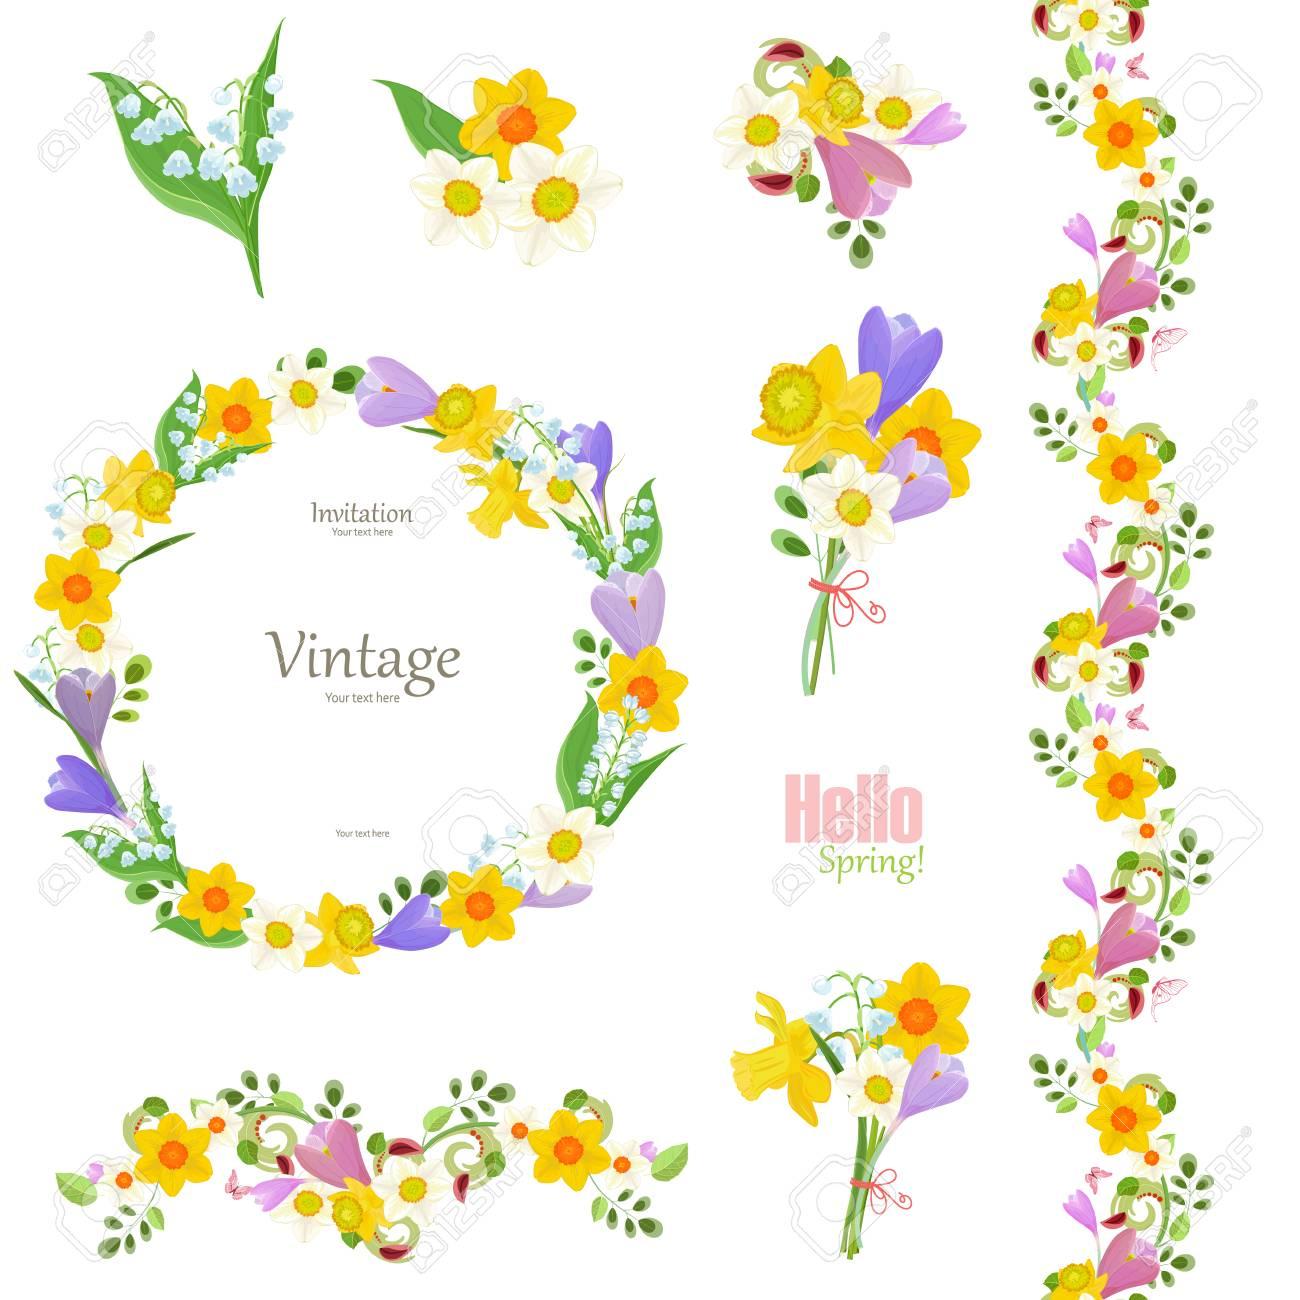 春の花のコレクションシームレスな境界線とあなたのデザインのかわいいリース